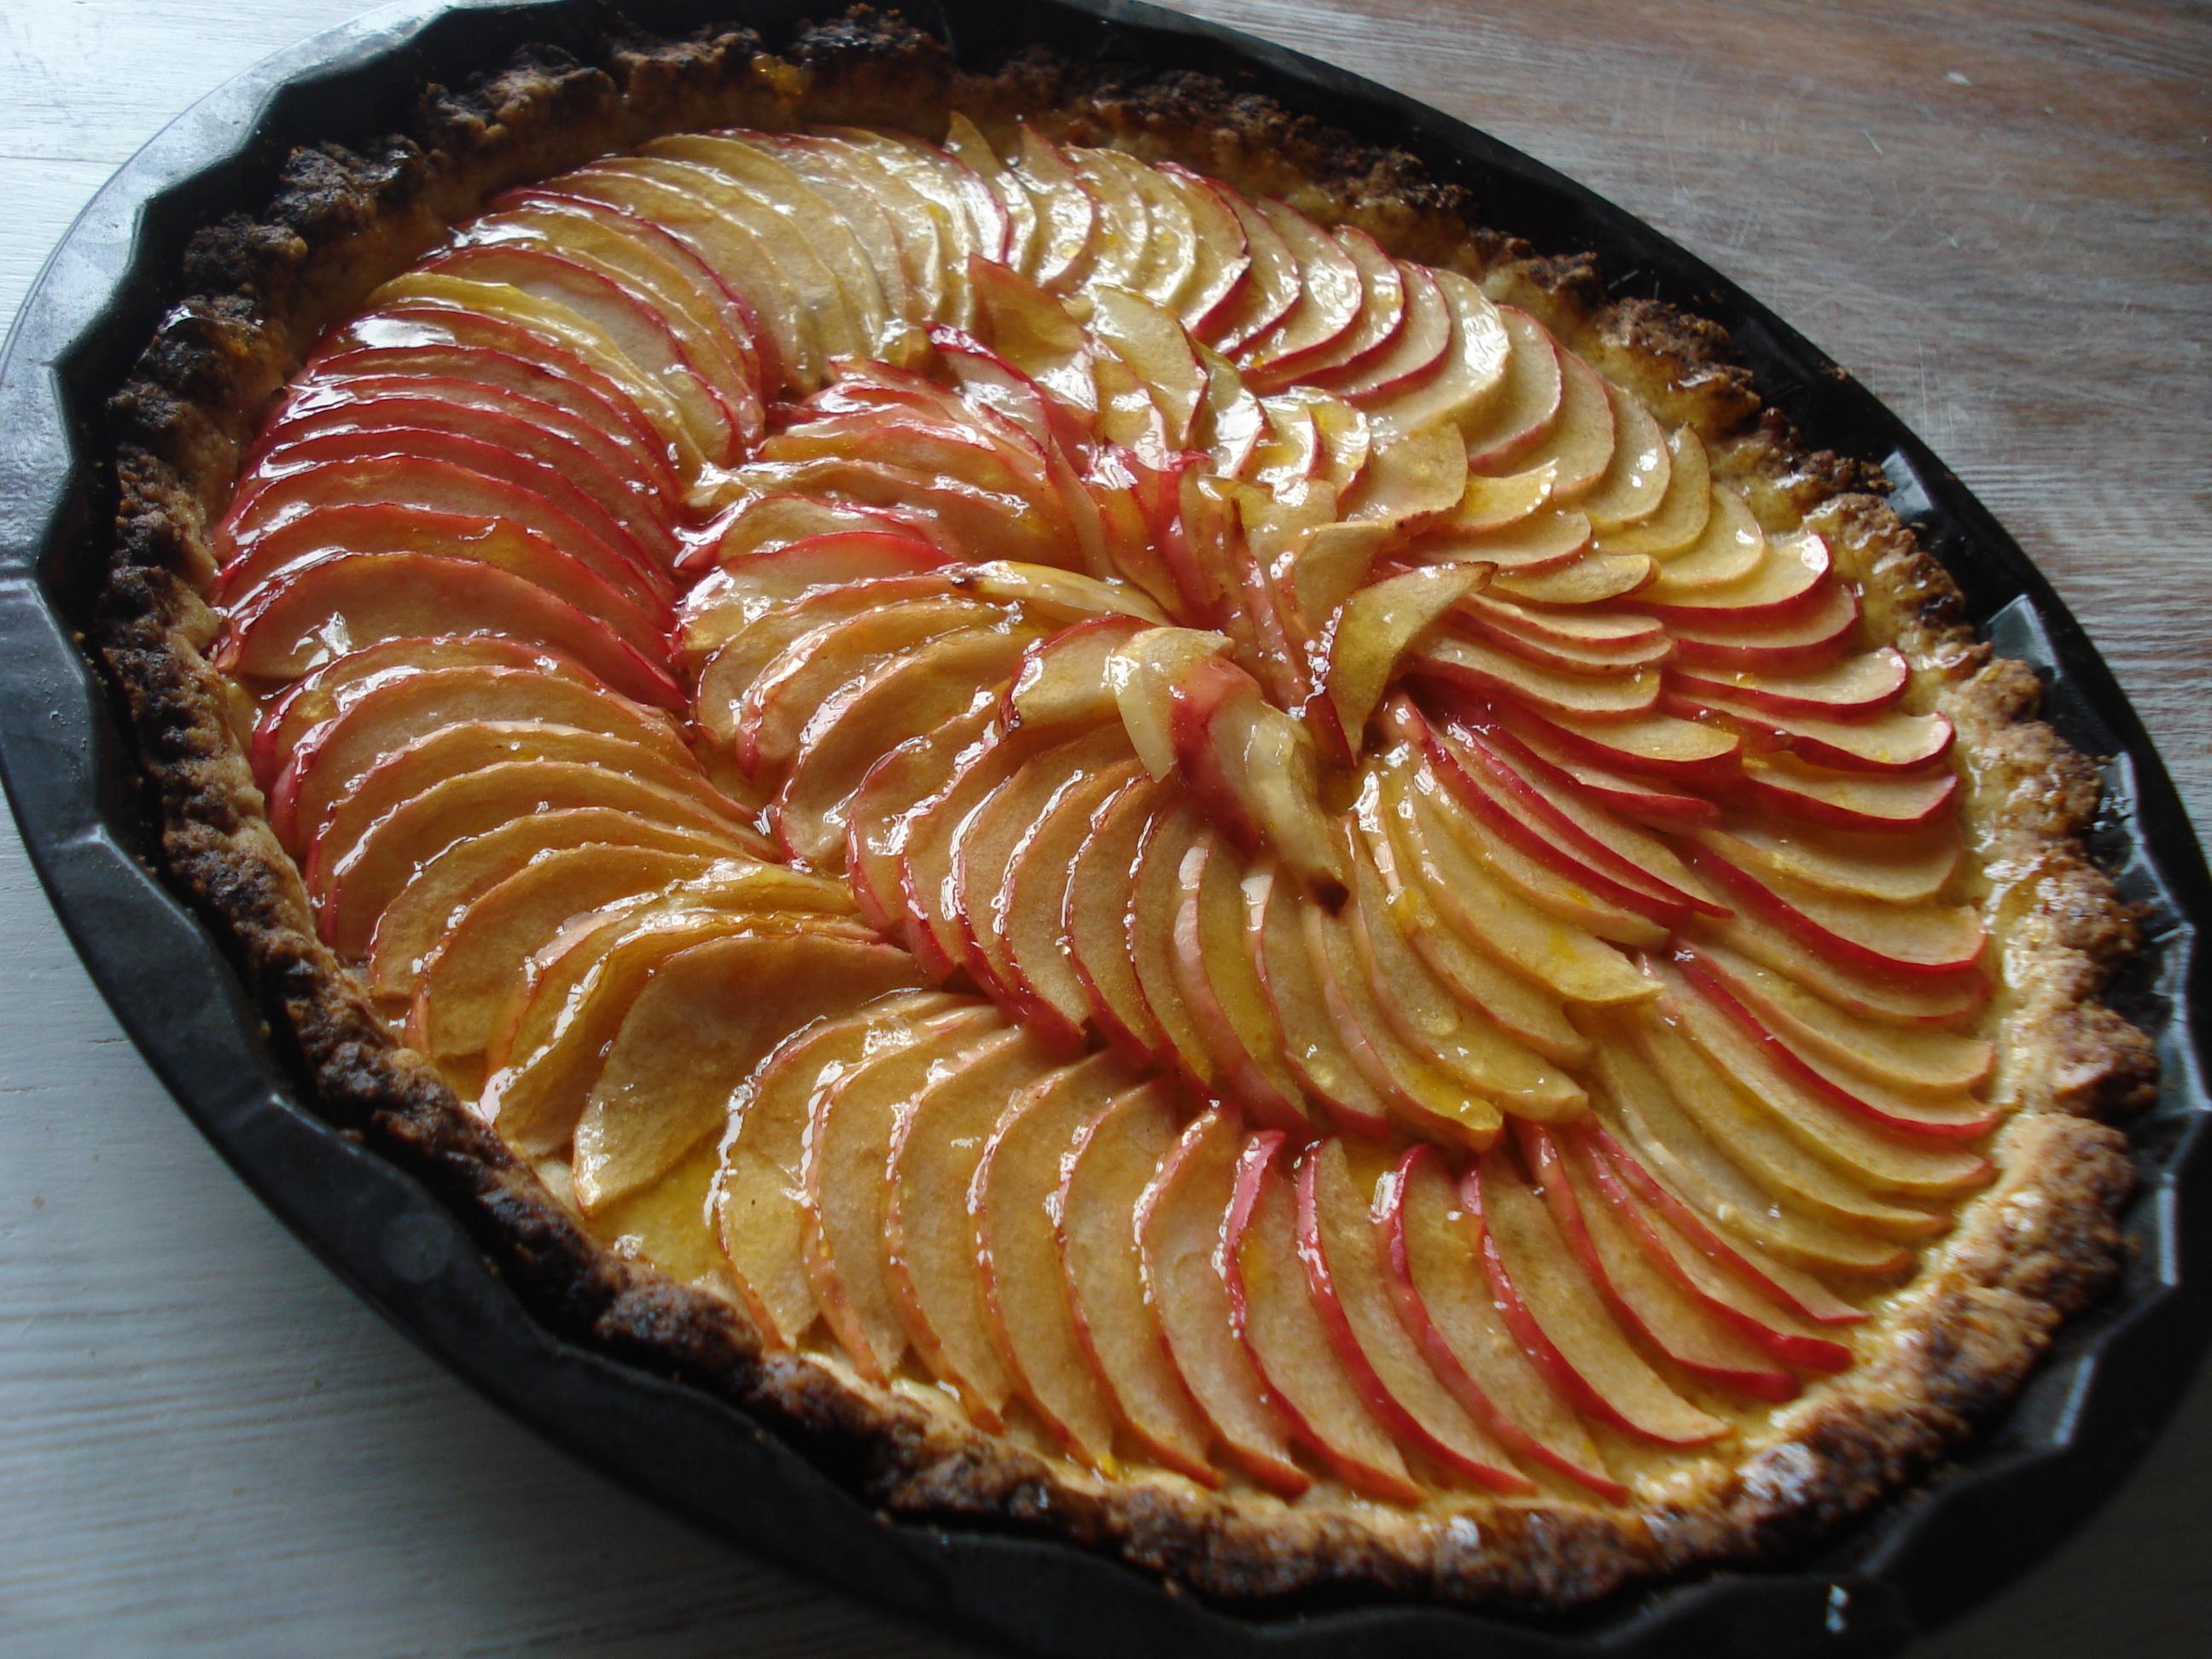 fransk äppelkaka med mandel och citron